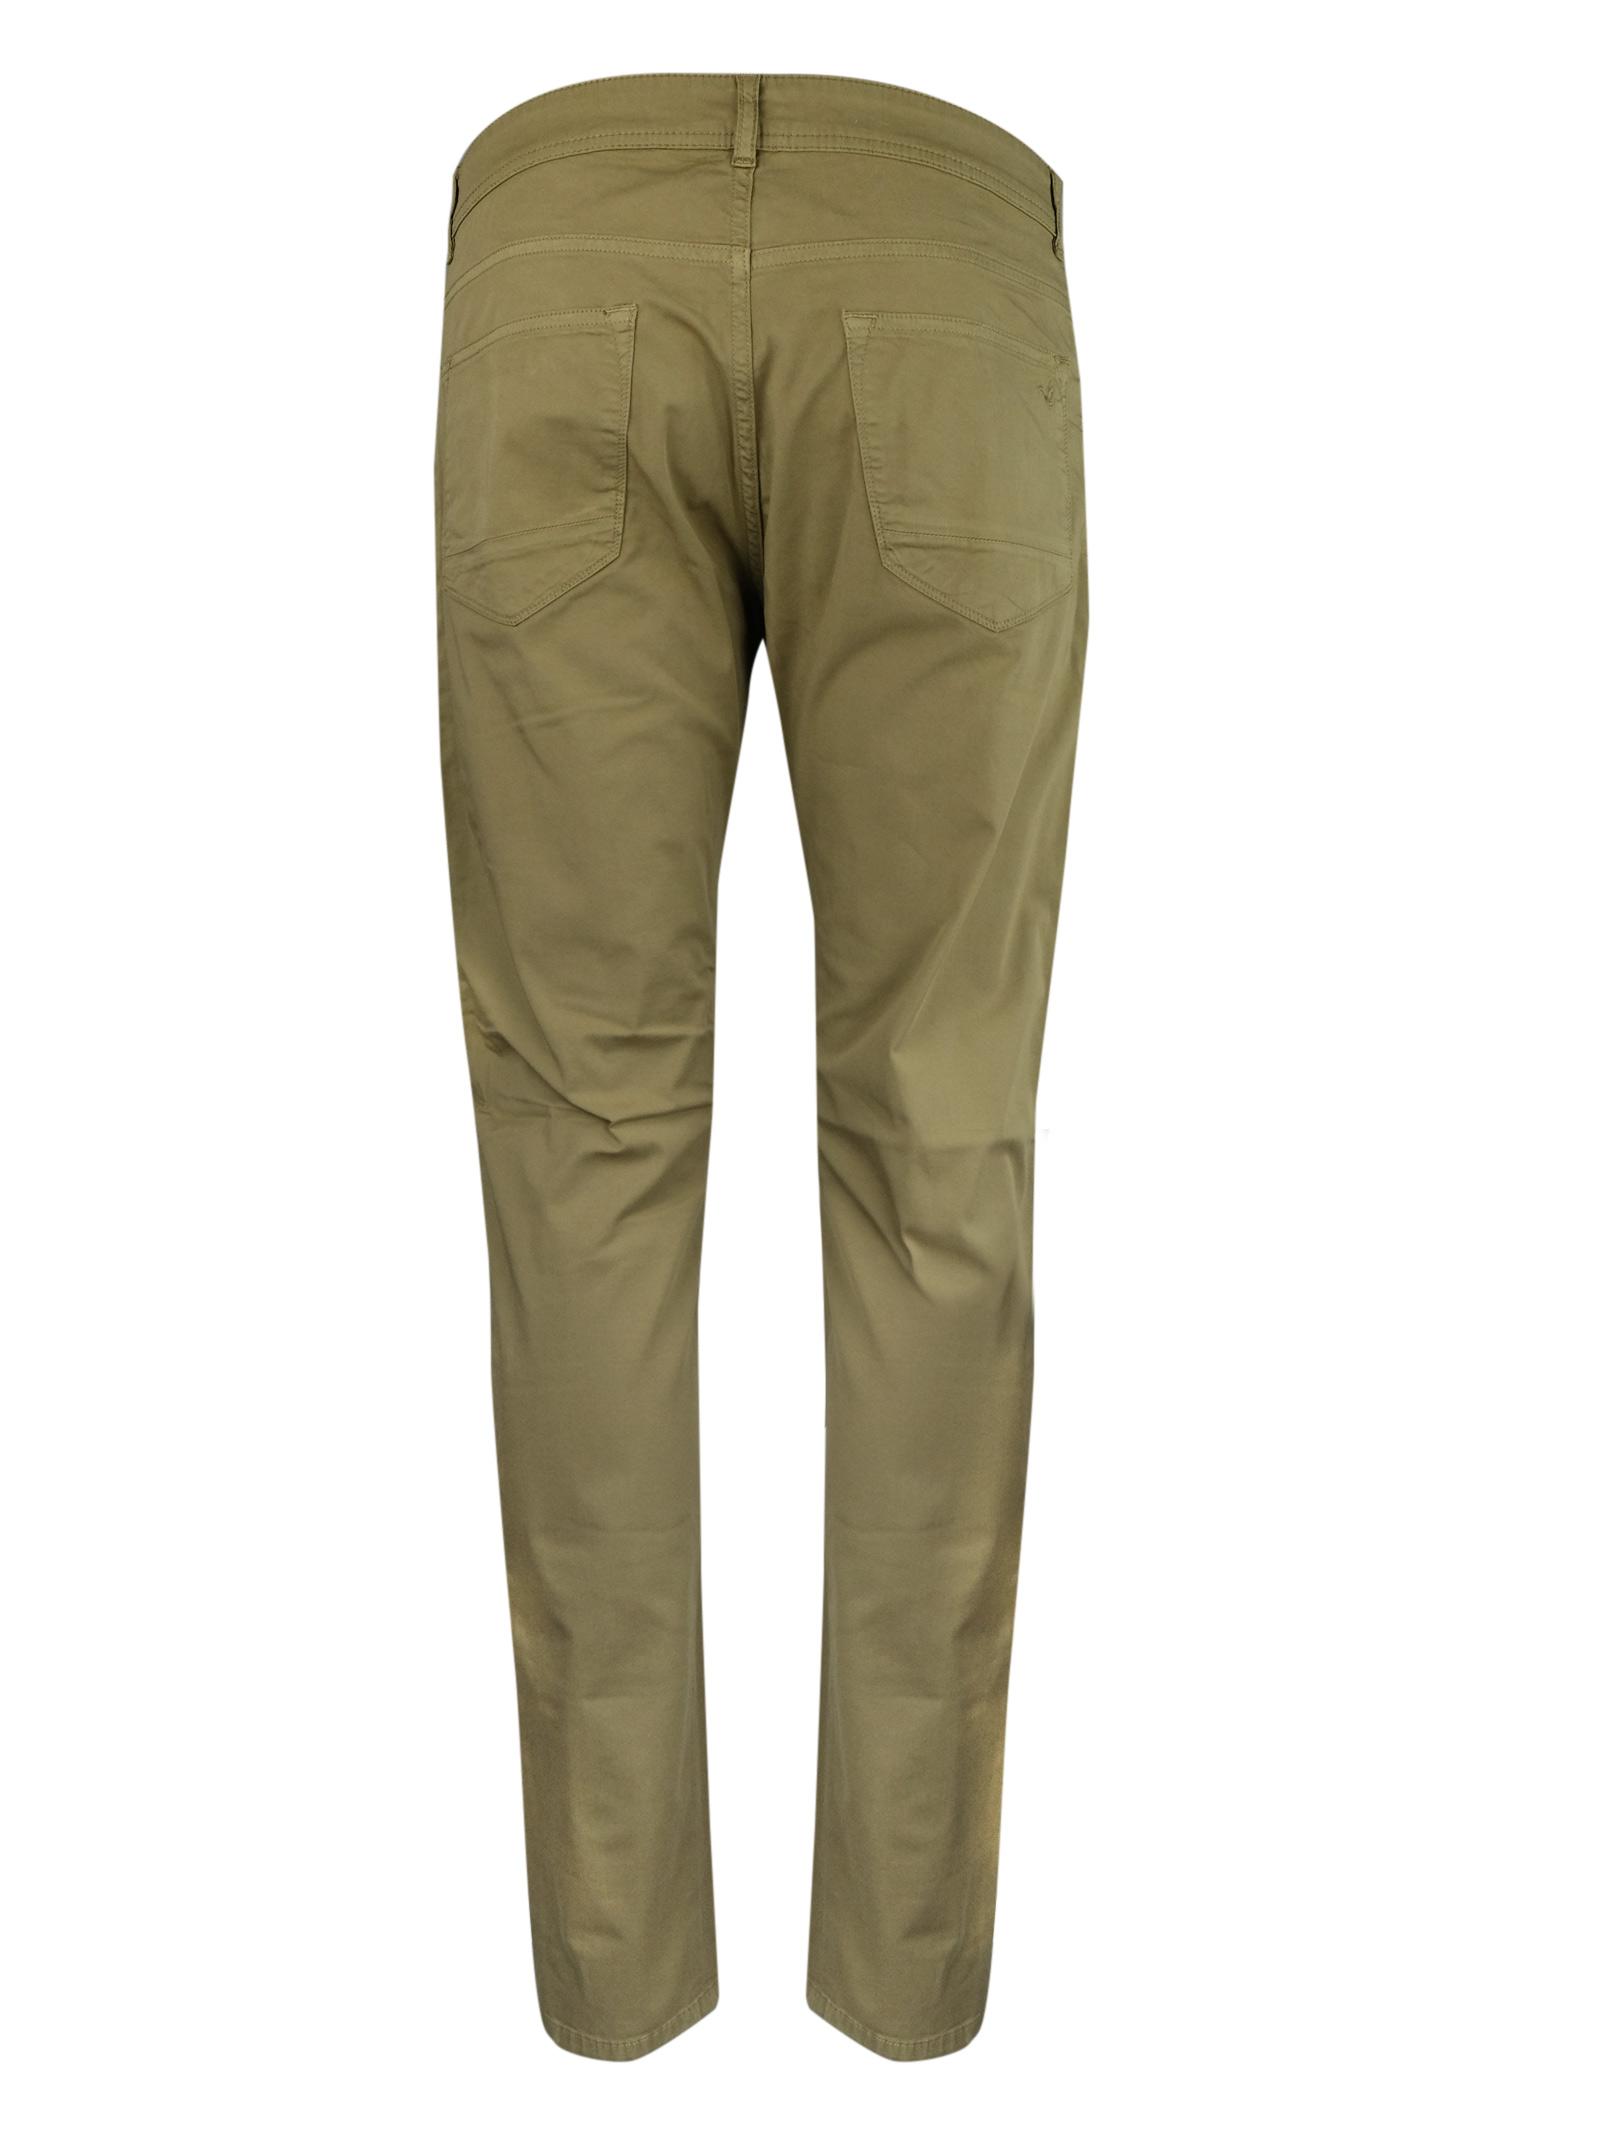 Pantaloni 5 tasche in cotone leggero, BROOKSFIELD | Pantaloni | 205D.C0687273